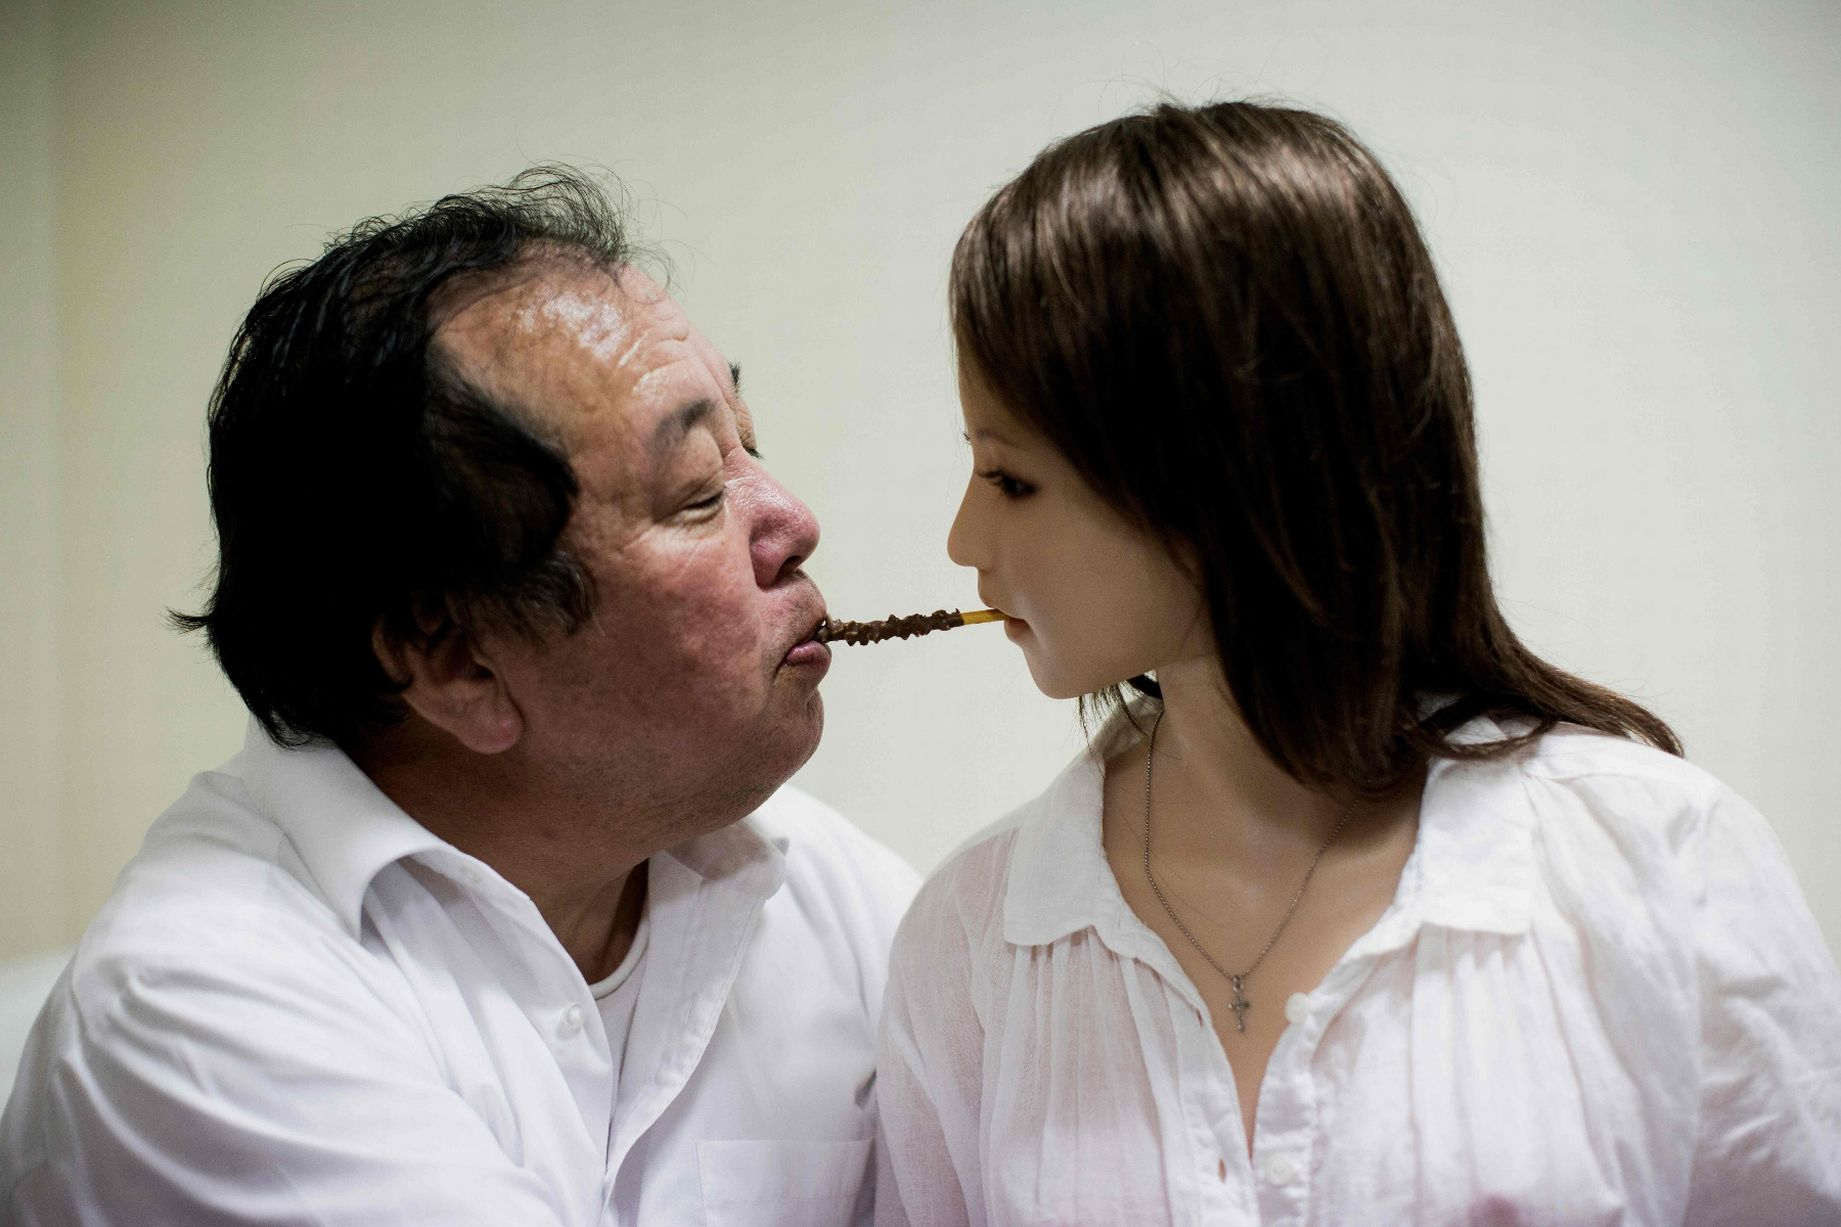 Adult videos Interracial asian porn websites